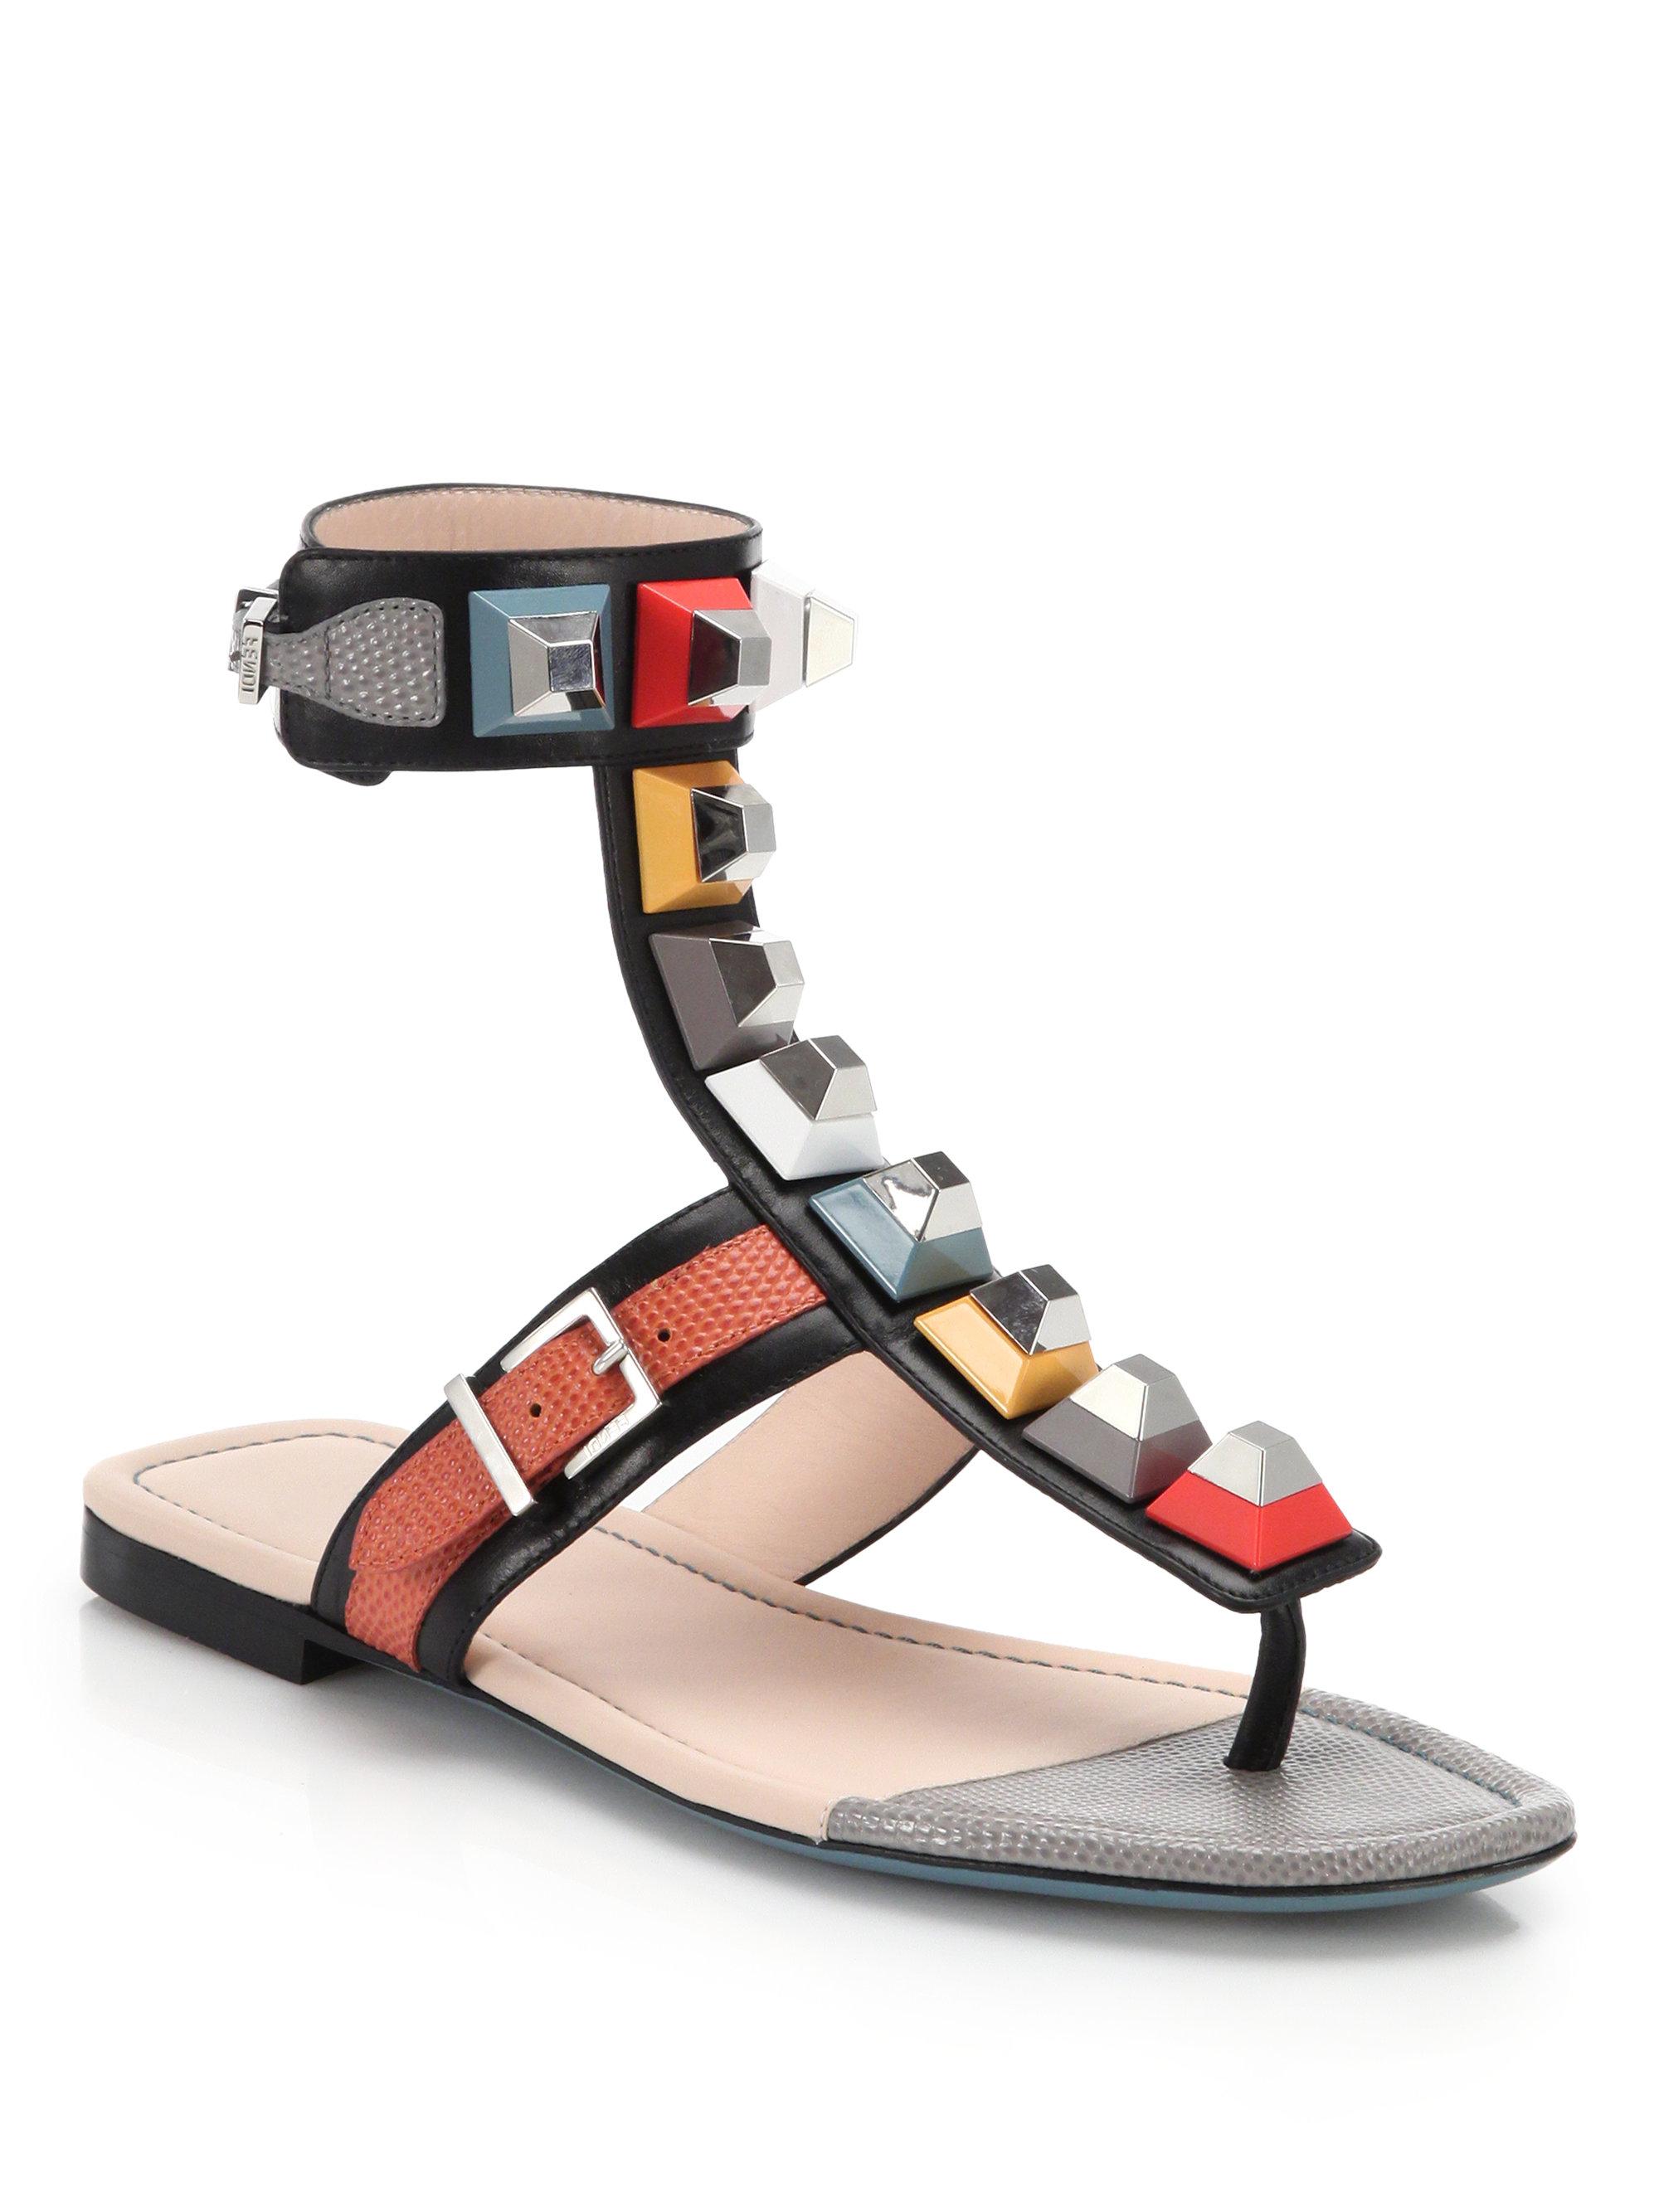 Sandales Agrémentées Fendi - Multicolor 7aDWvF6Ua